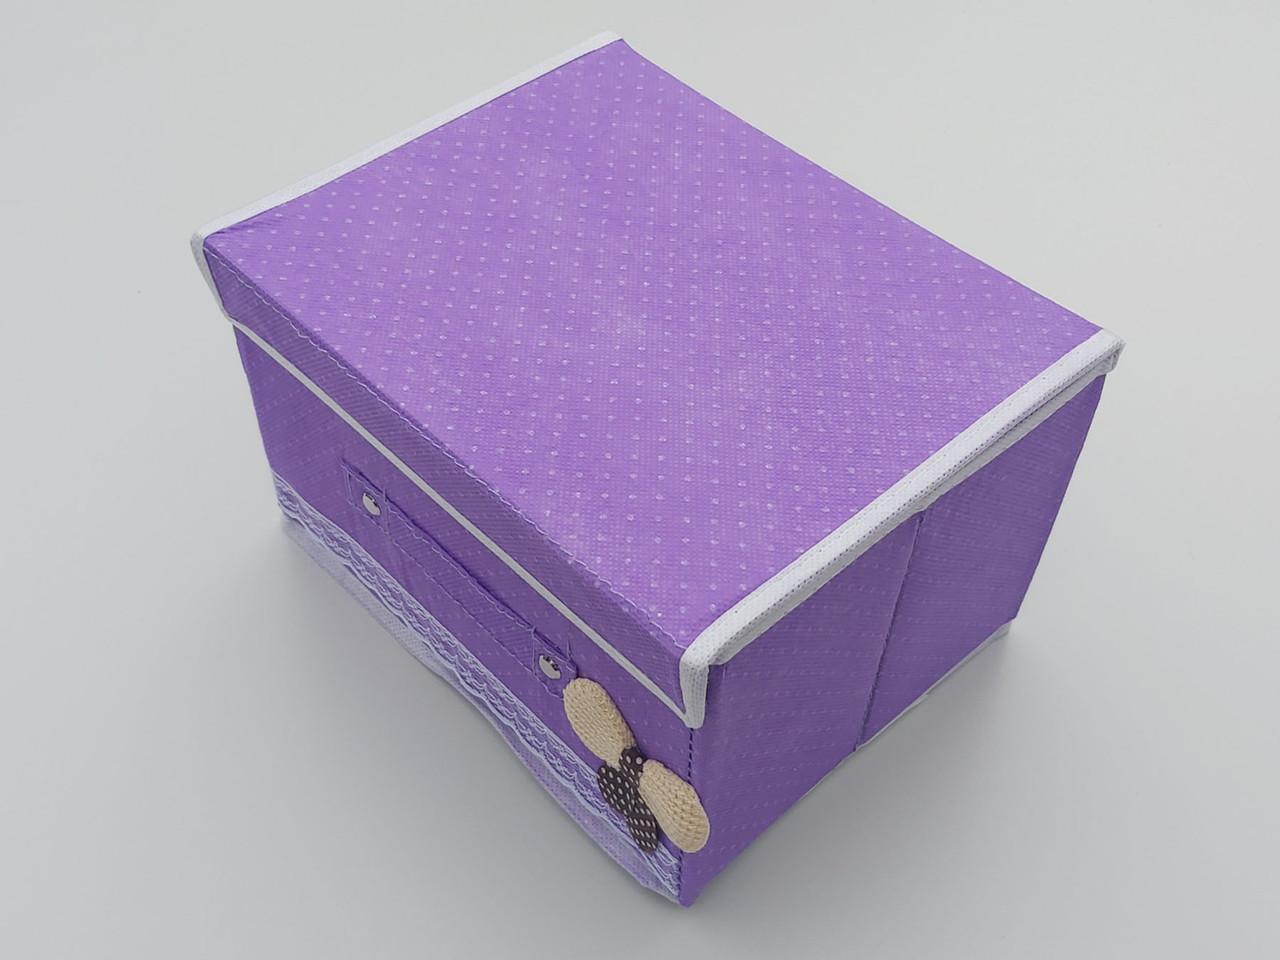 Коробка-органайзер   Ш 25*Д 19,5*В 15,5 см. Цвет фиолетовый для хранения одежды, обуви или небольших предметов